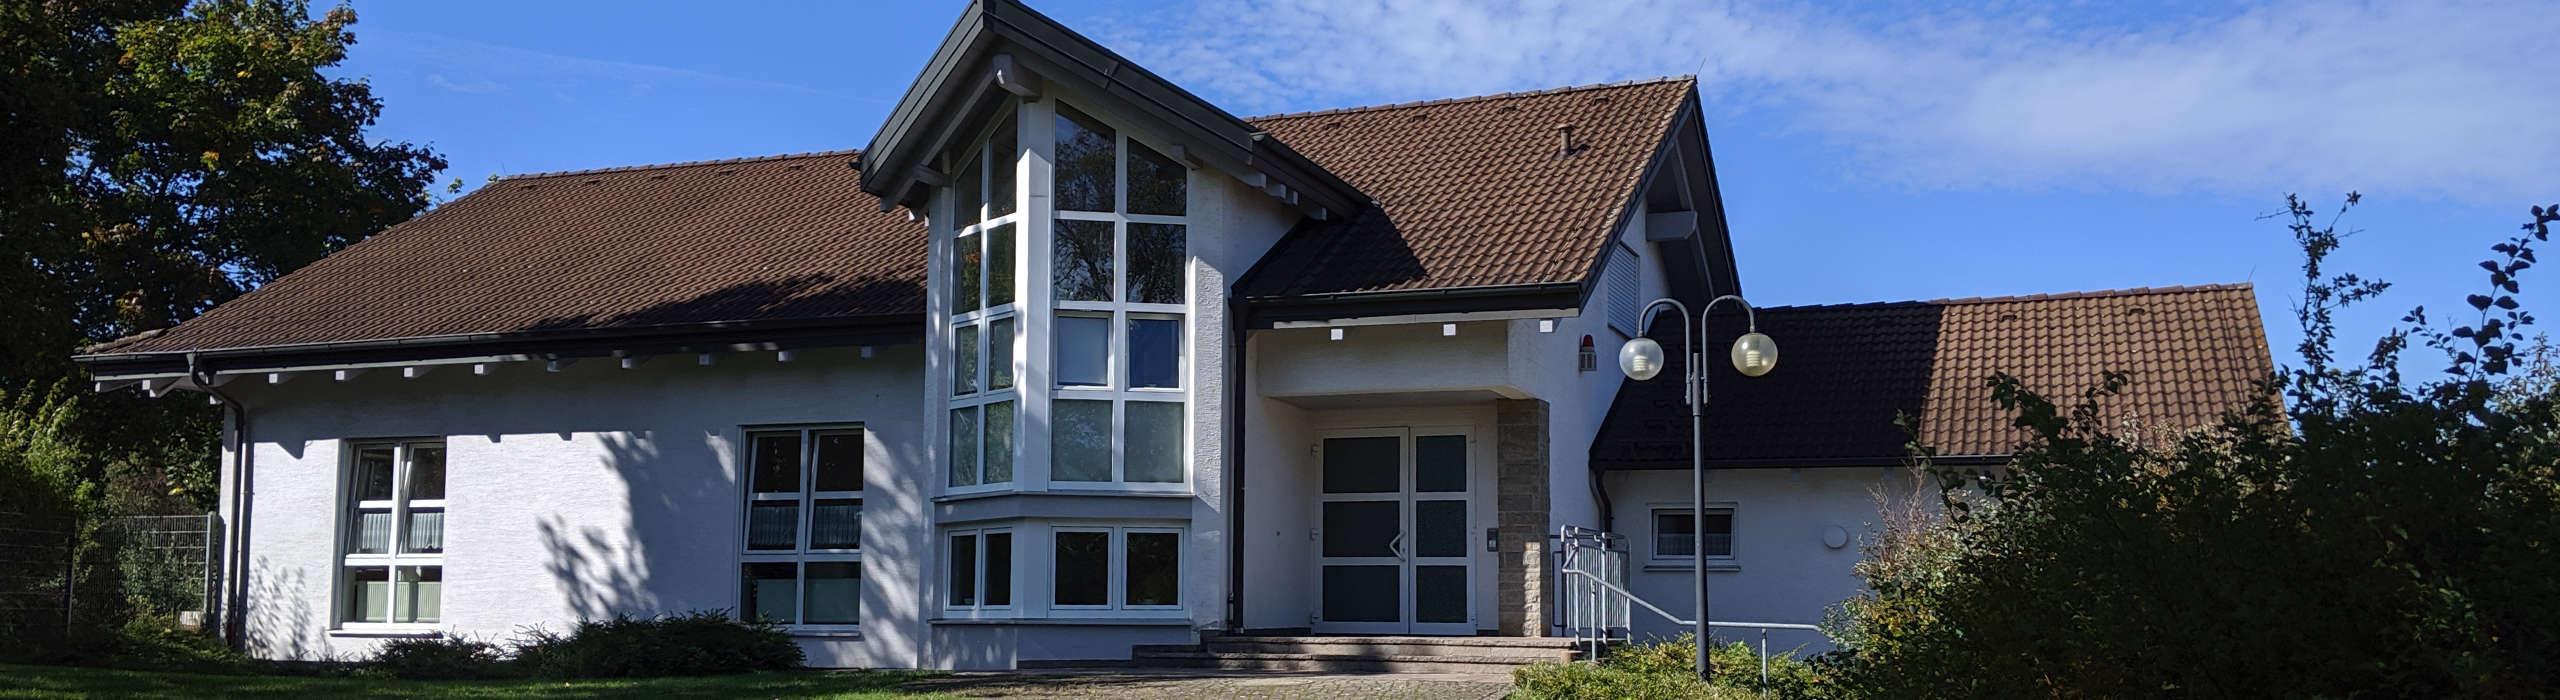 Musikerheim